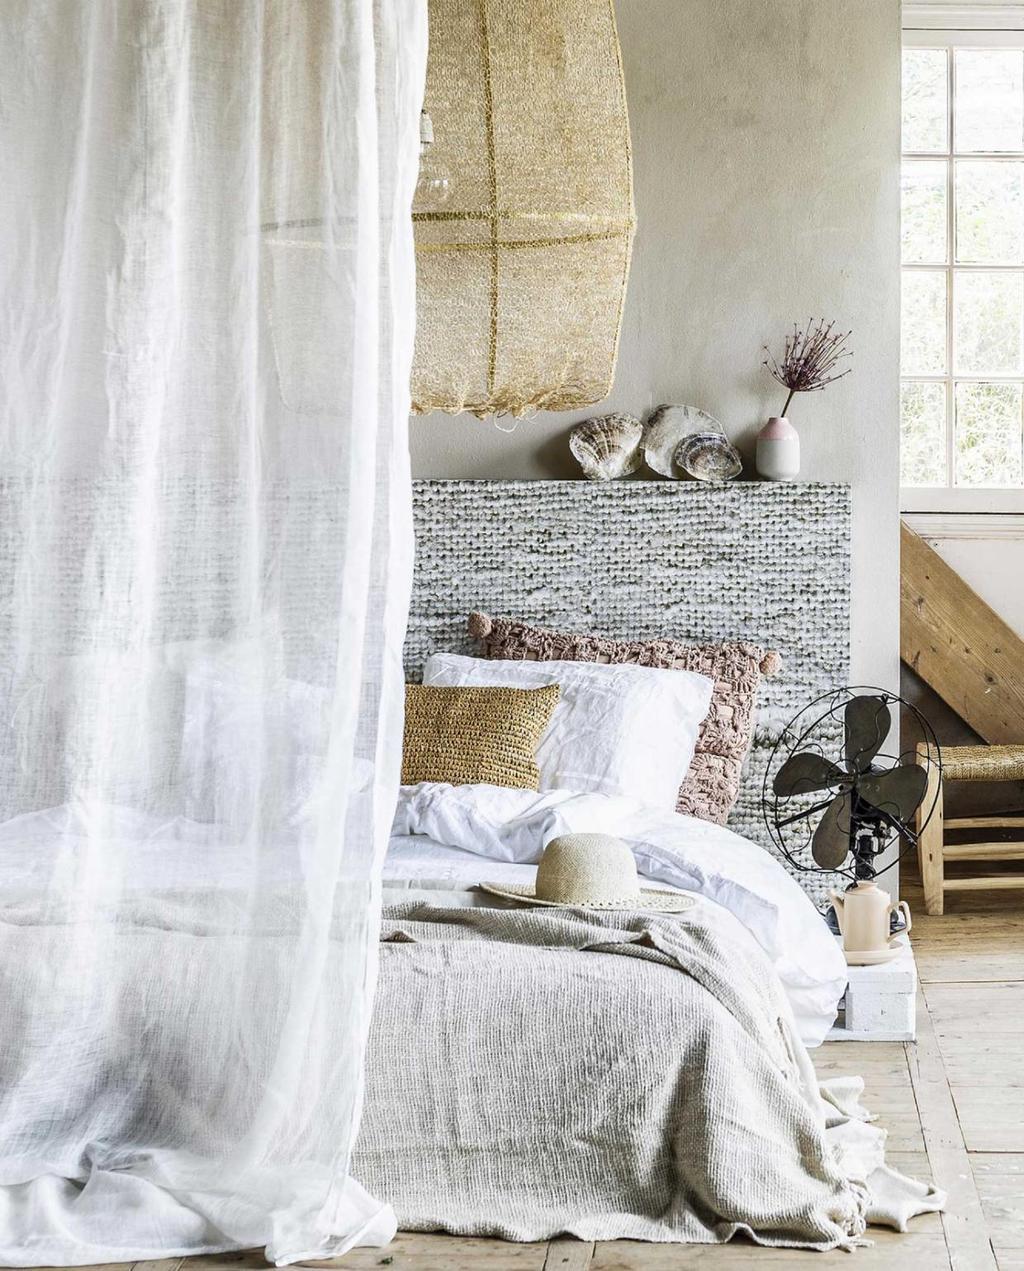 zomer zomerhuis strandsfeer slaapkamer bed linnen natuur | zo is airco wel stijlvol